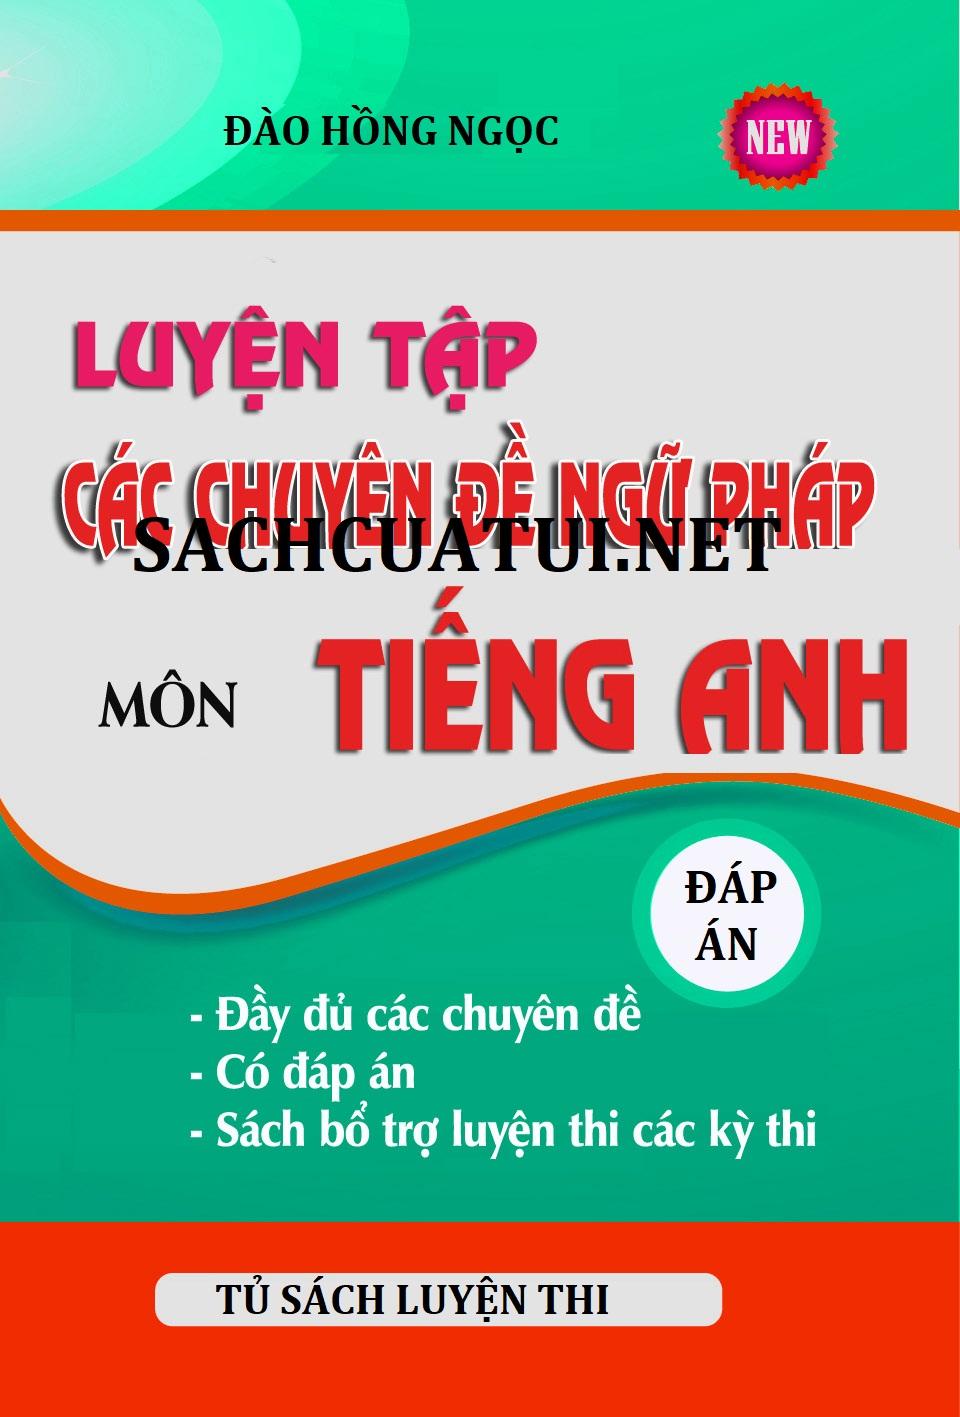 Tải sách: Luyện tập các chuyên đề ngữ pháp môn tiếng anh